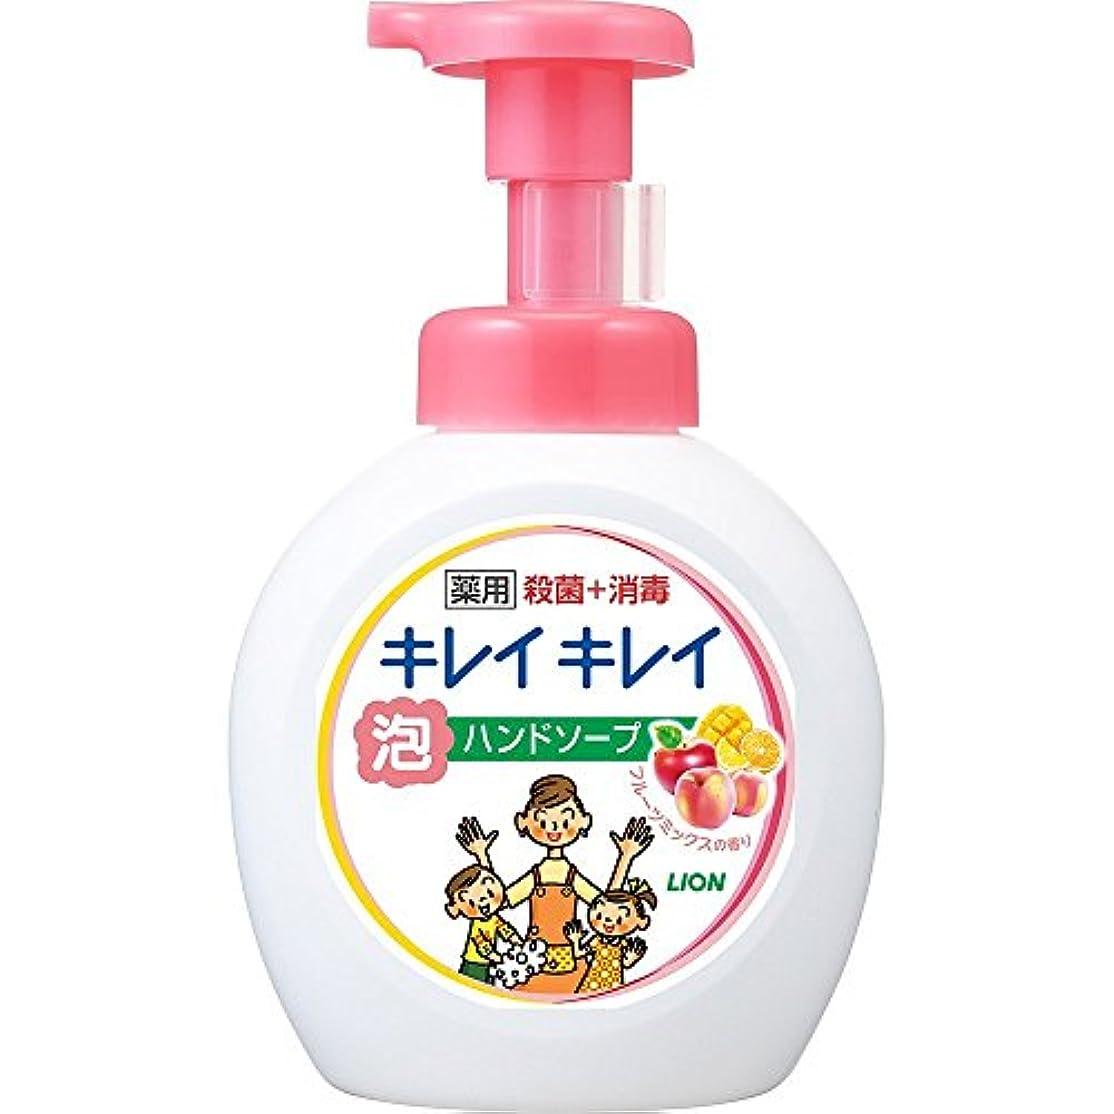 キレイキレイ 薬用 泡ハンドソープ フルーツミックスの香り 本体ポンプ 大型サイズ 500ml(医薬部外品)